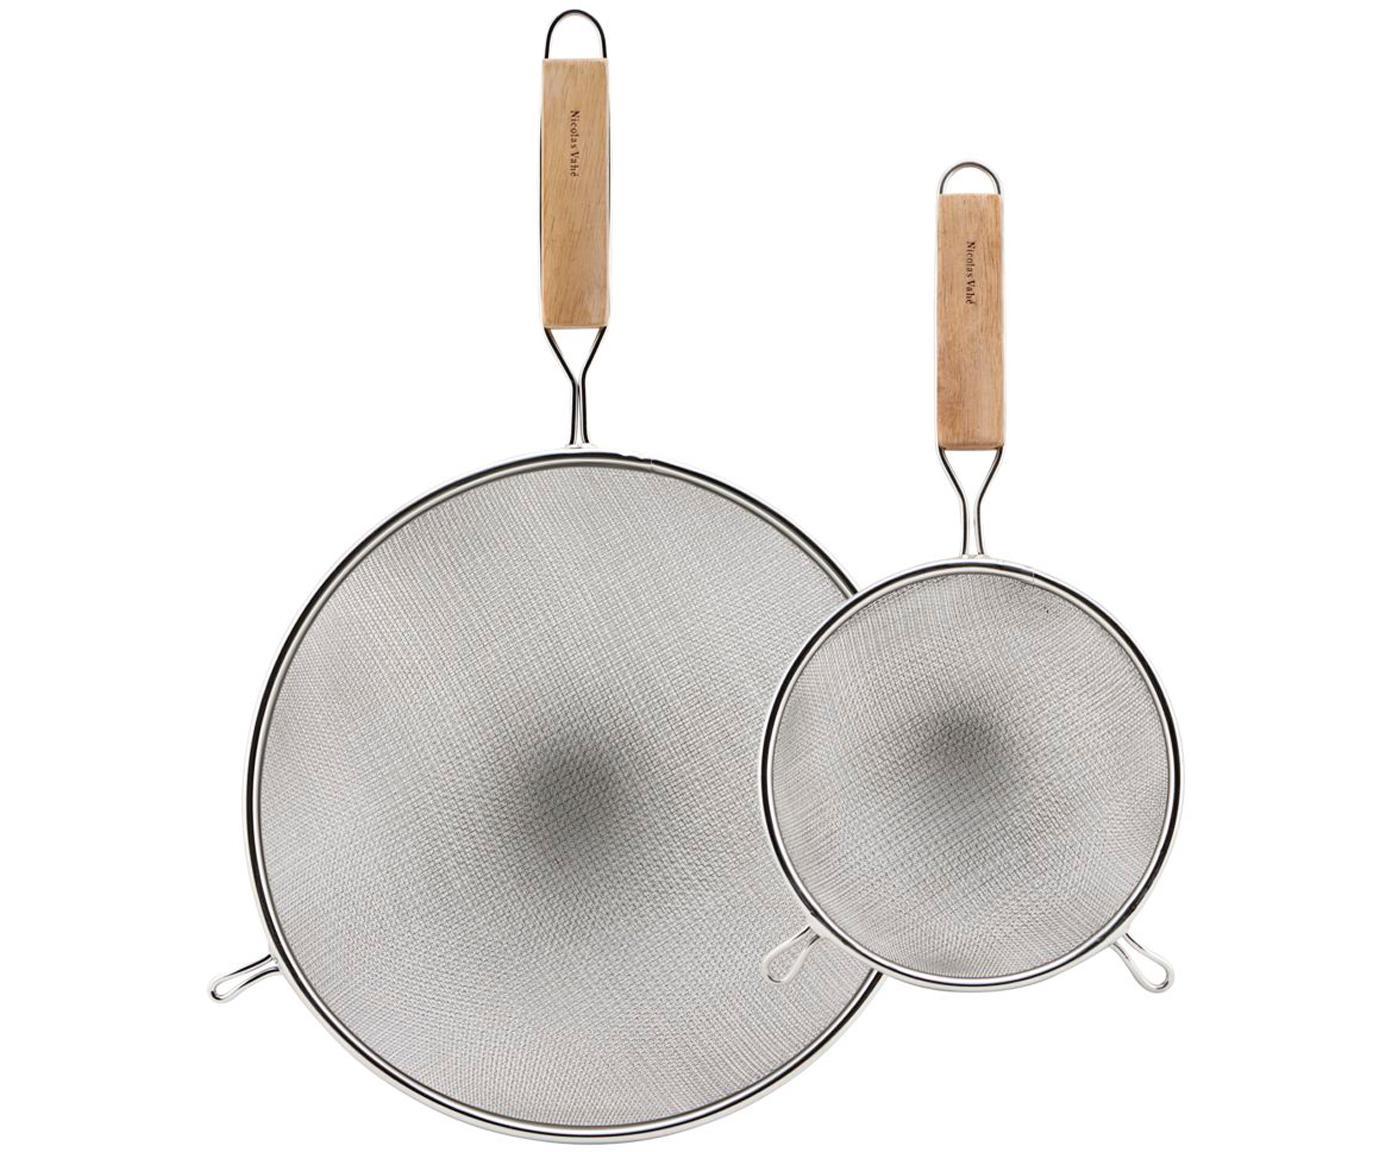 Küchensiebe Paka mit Holzgriff, 2er-Set, Sieb: Edelstahl, Griff: Holz, Edelstahl, Holz, Verschiedene Grössen